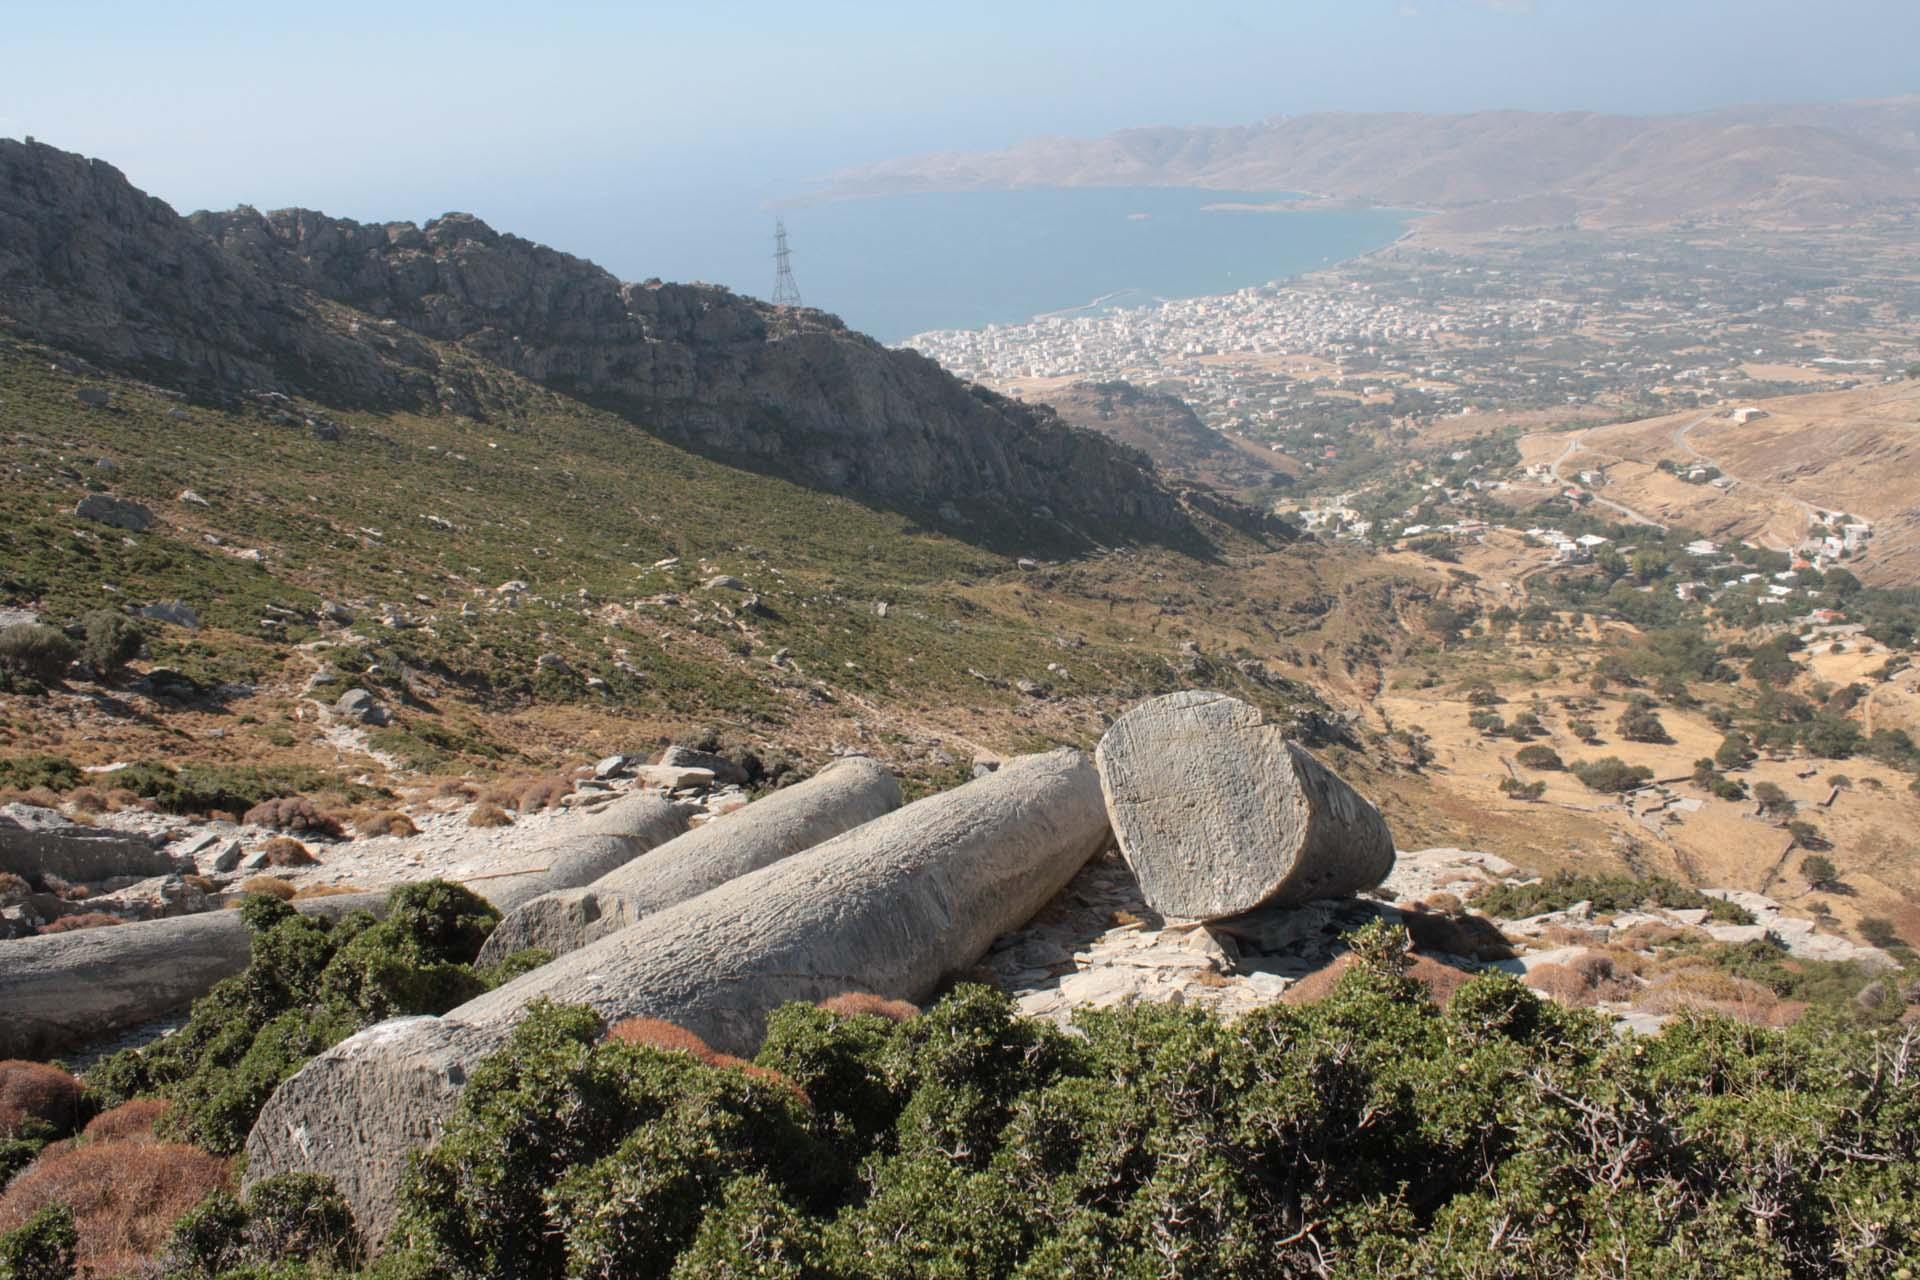 Vista sulla baia di Karystos nell'isola di Evia dalle cave di marmo colonne inclinate